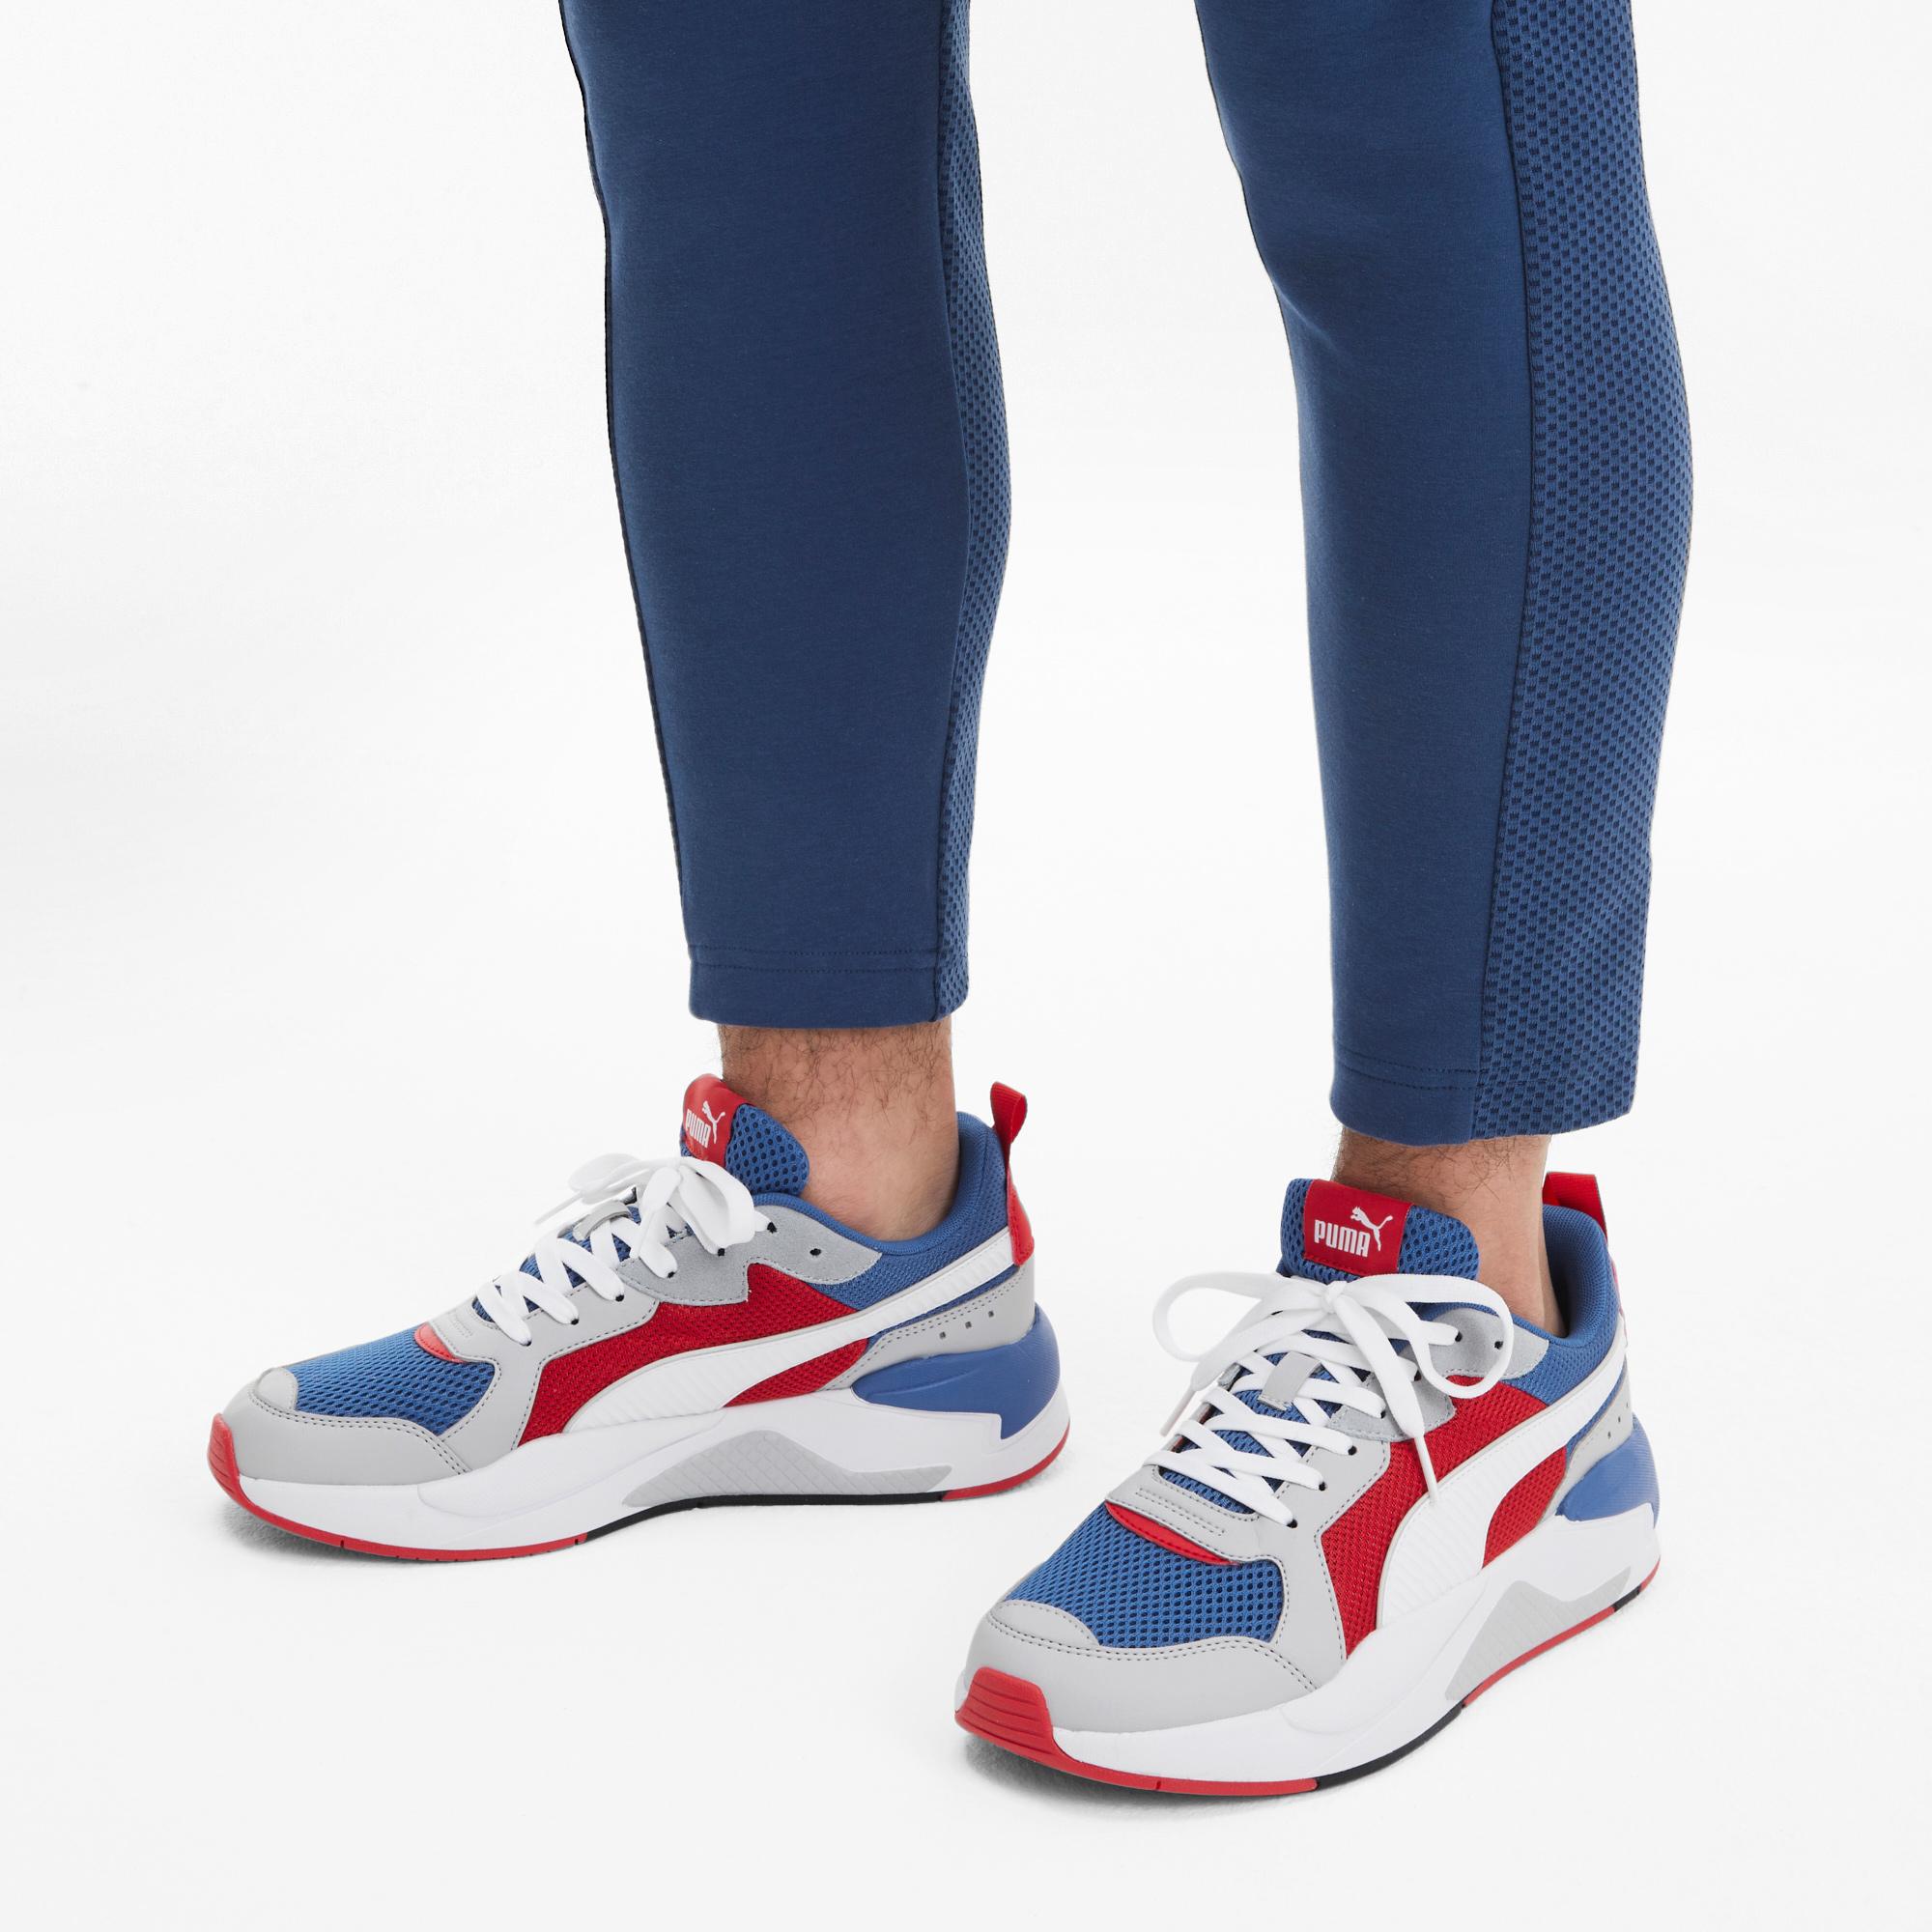 Puma X-Ray Erkek Gri-Lacivert Spor Ayakkabı